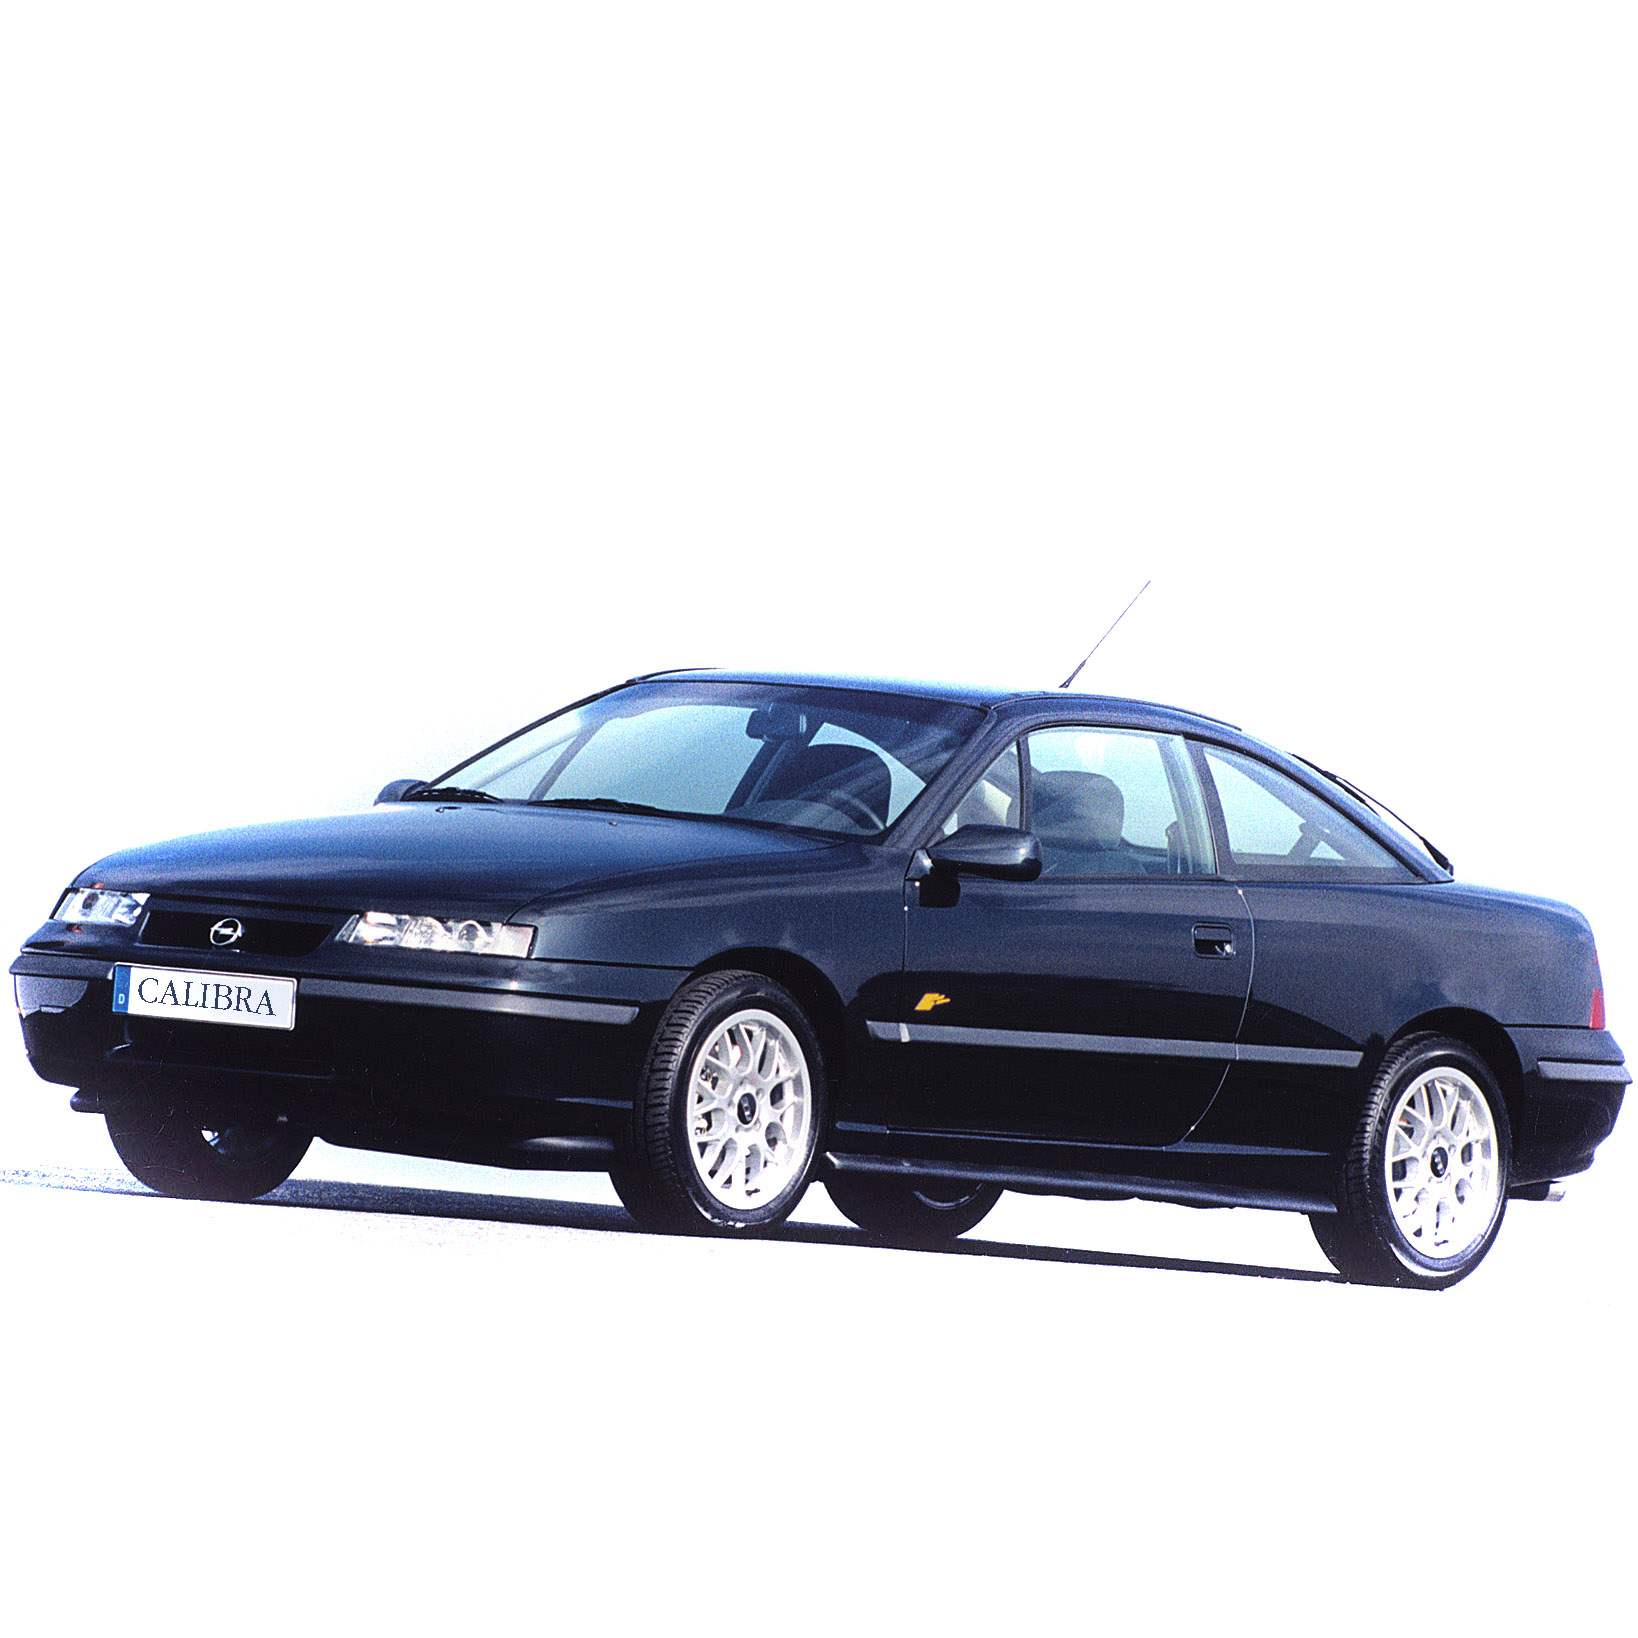 Vauxhall Cavalier Mk2 1981-1989